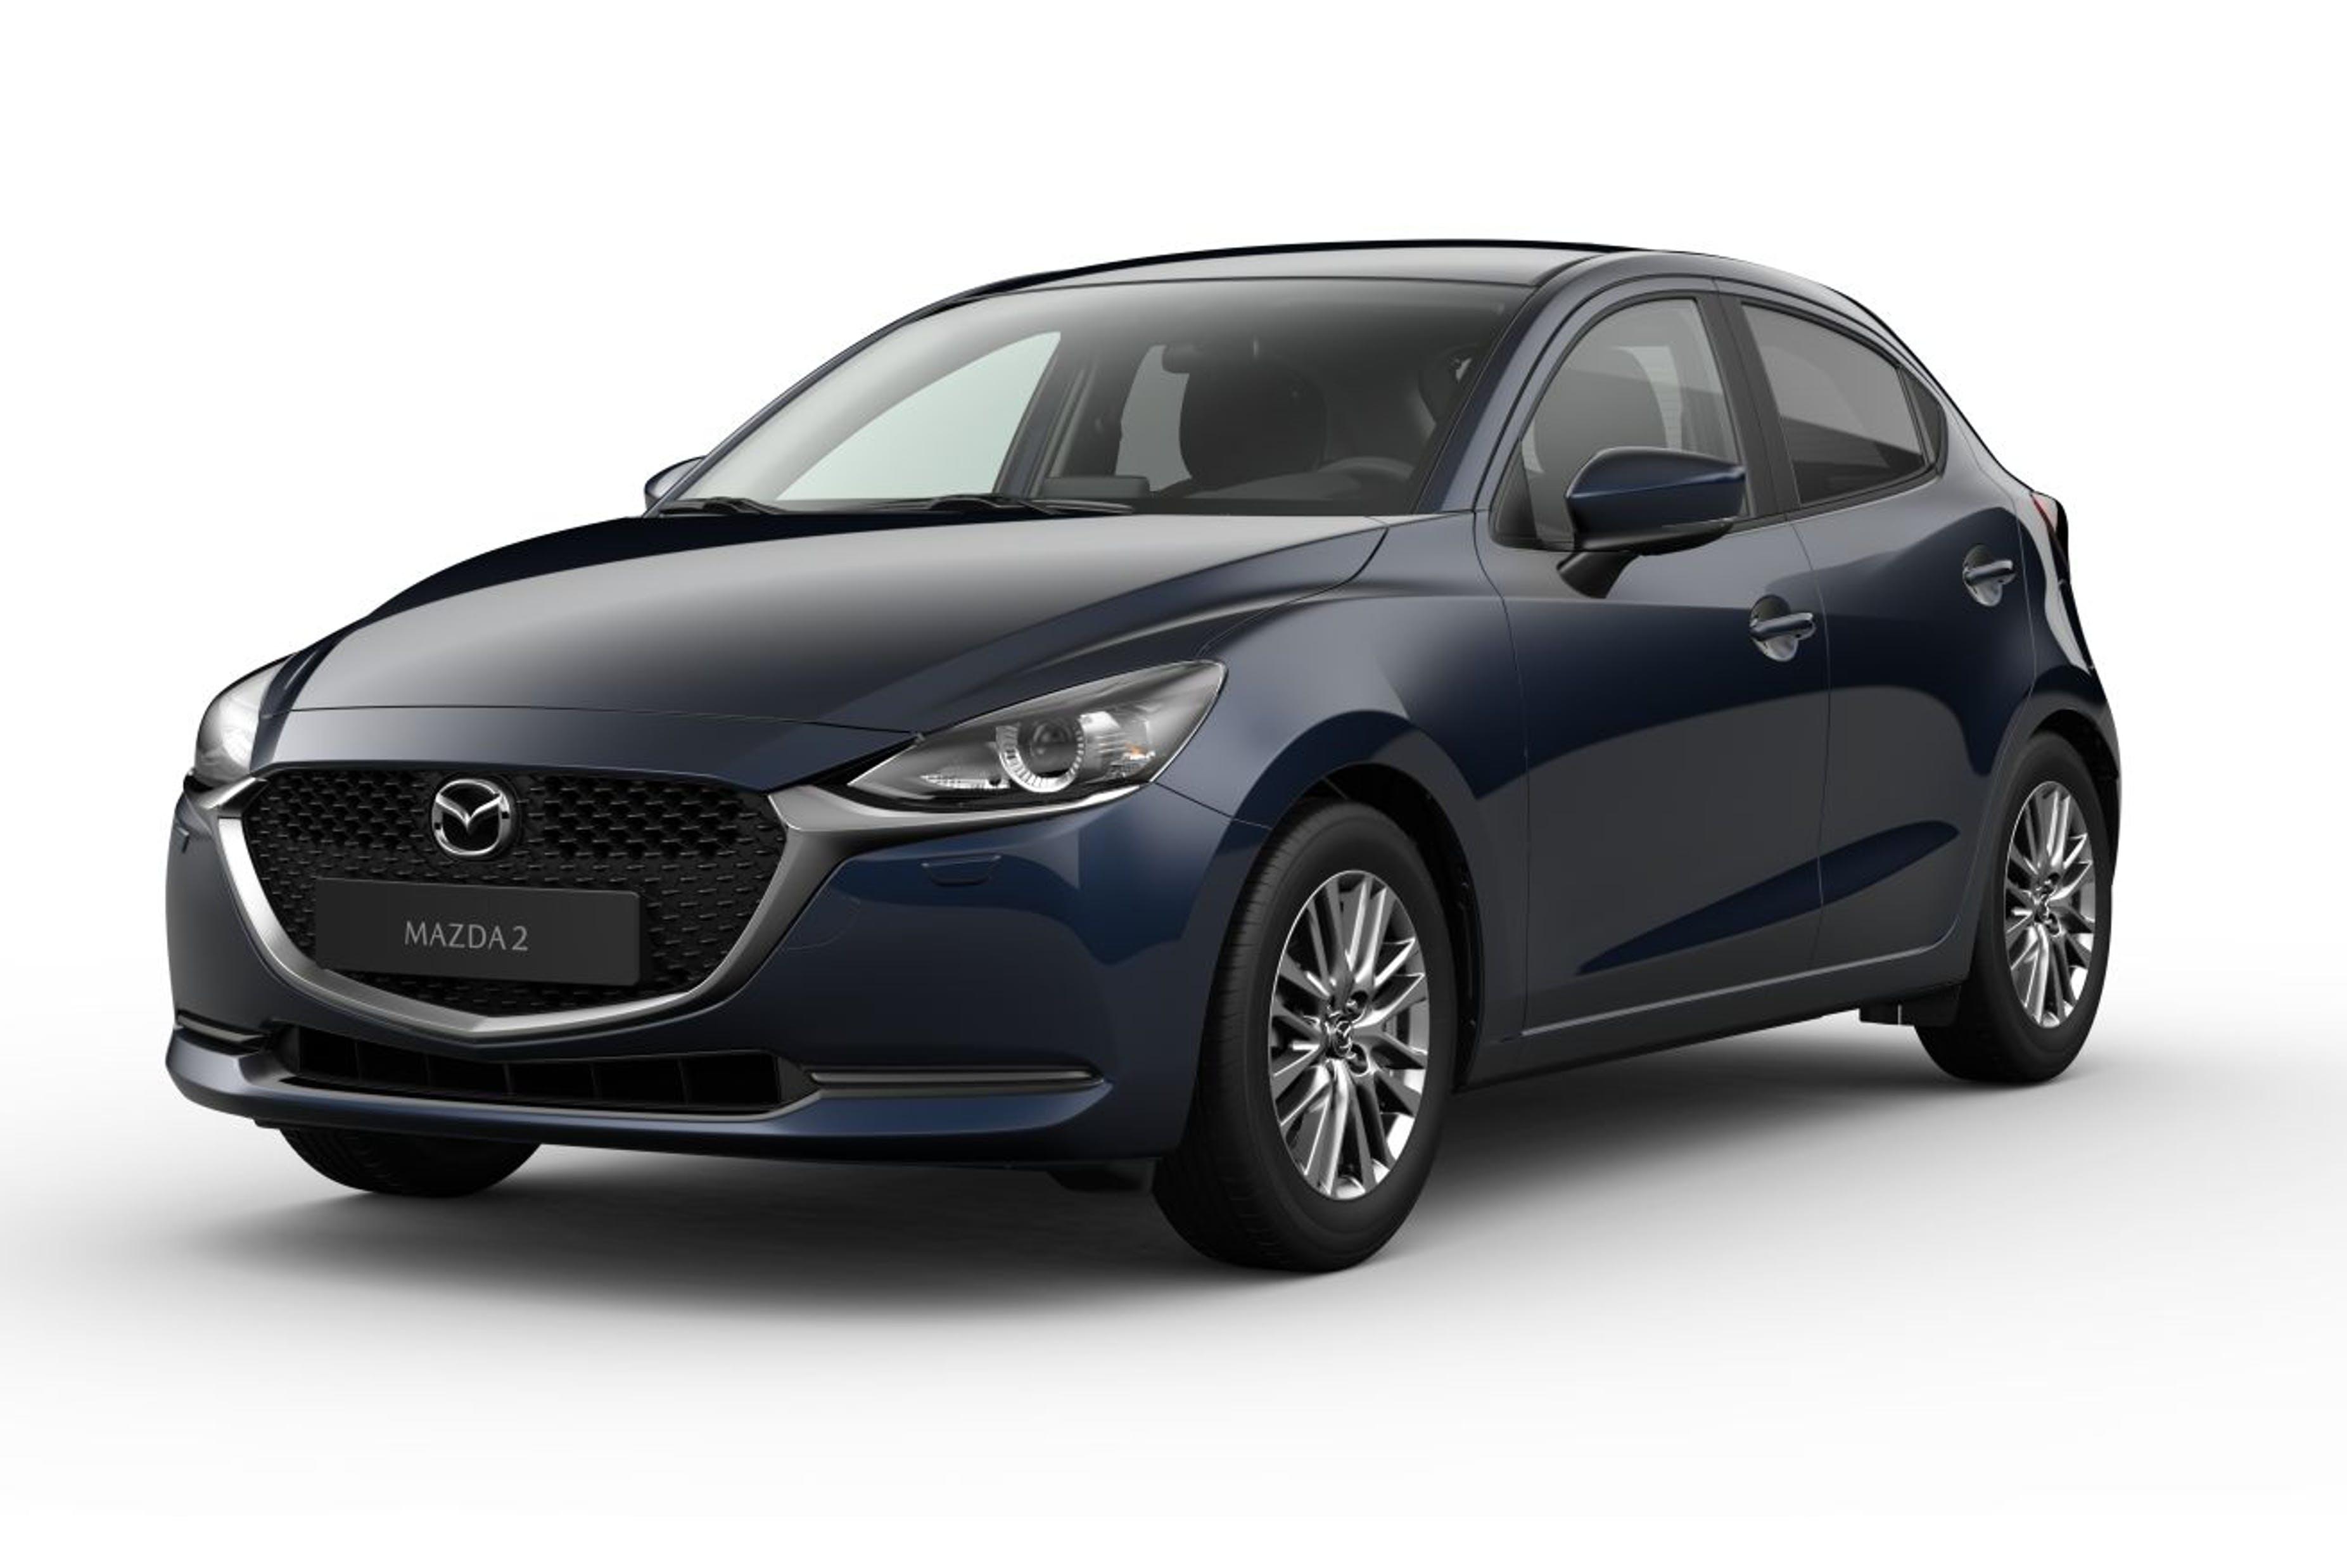 Mazda 2 SKYACTIV-G Kizoku